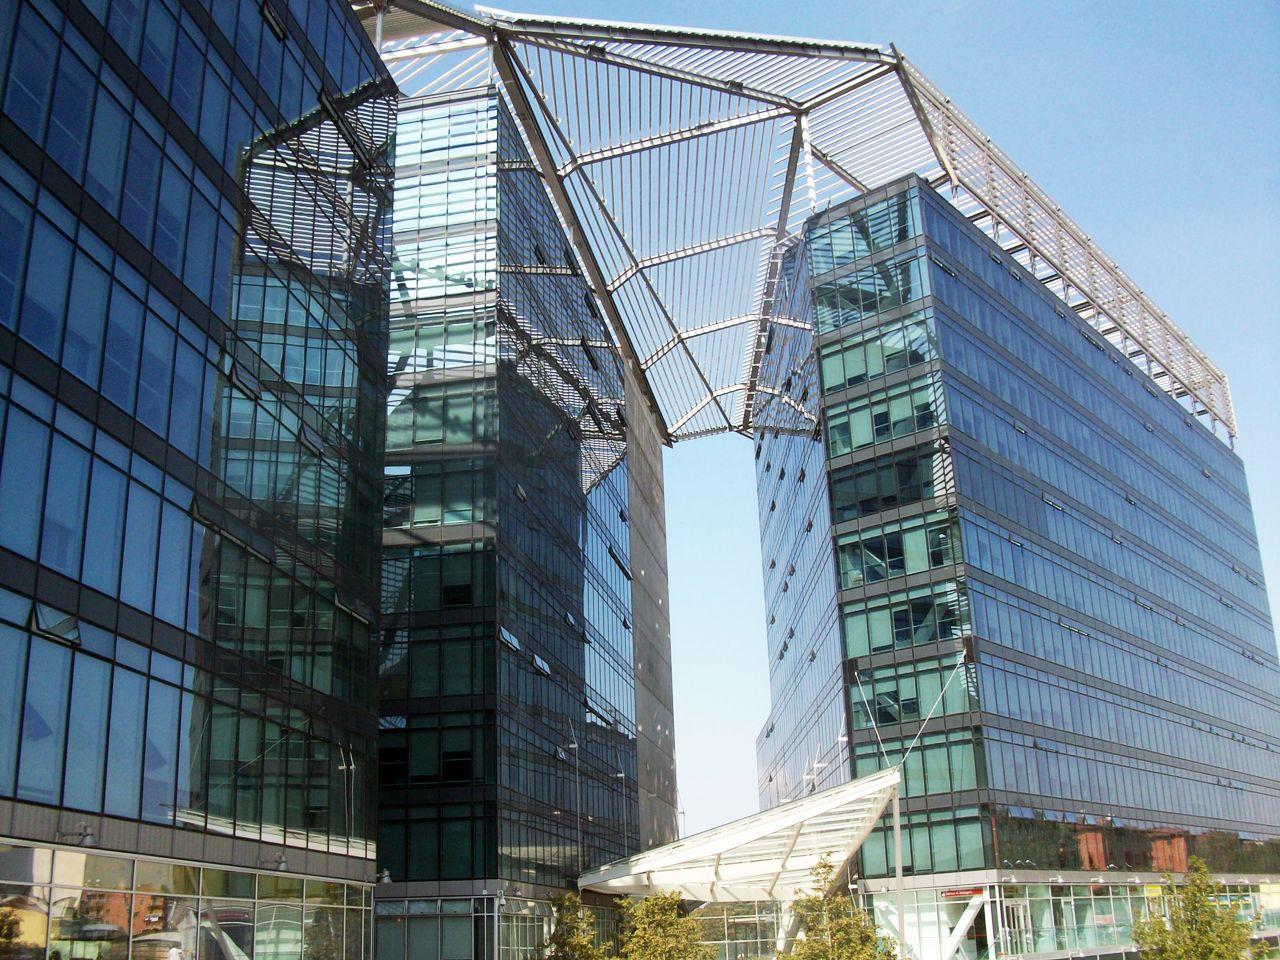 Ufficio Open Space Bologna : Immobile in affitto a bologna rif  immobiliare